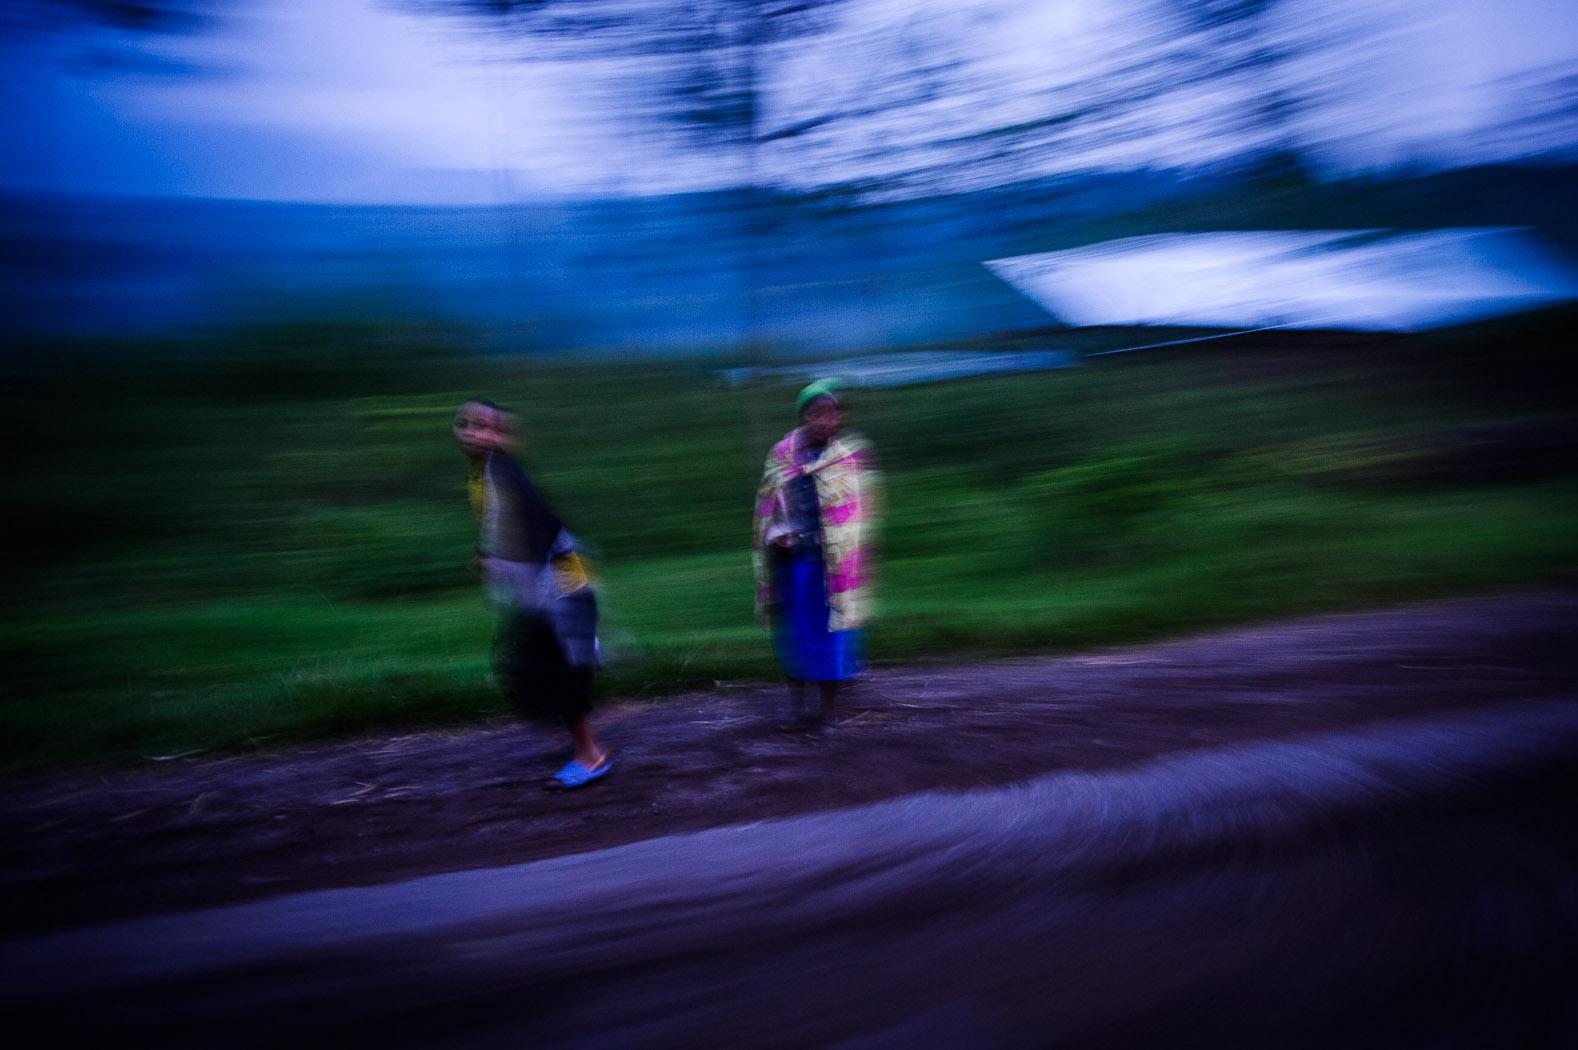 Two girls walk through Kanyarucinya